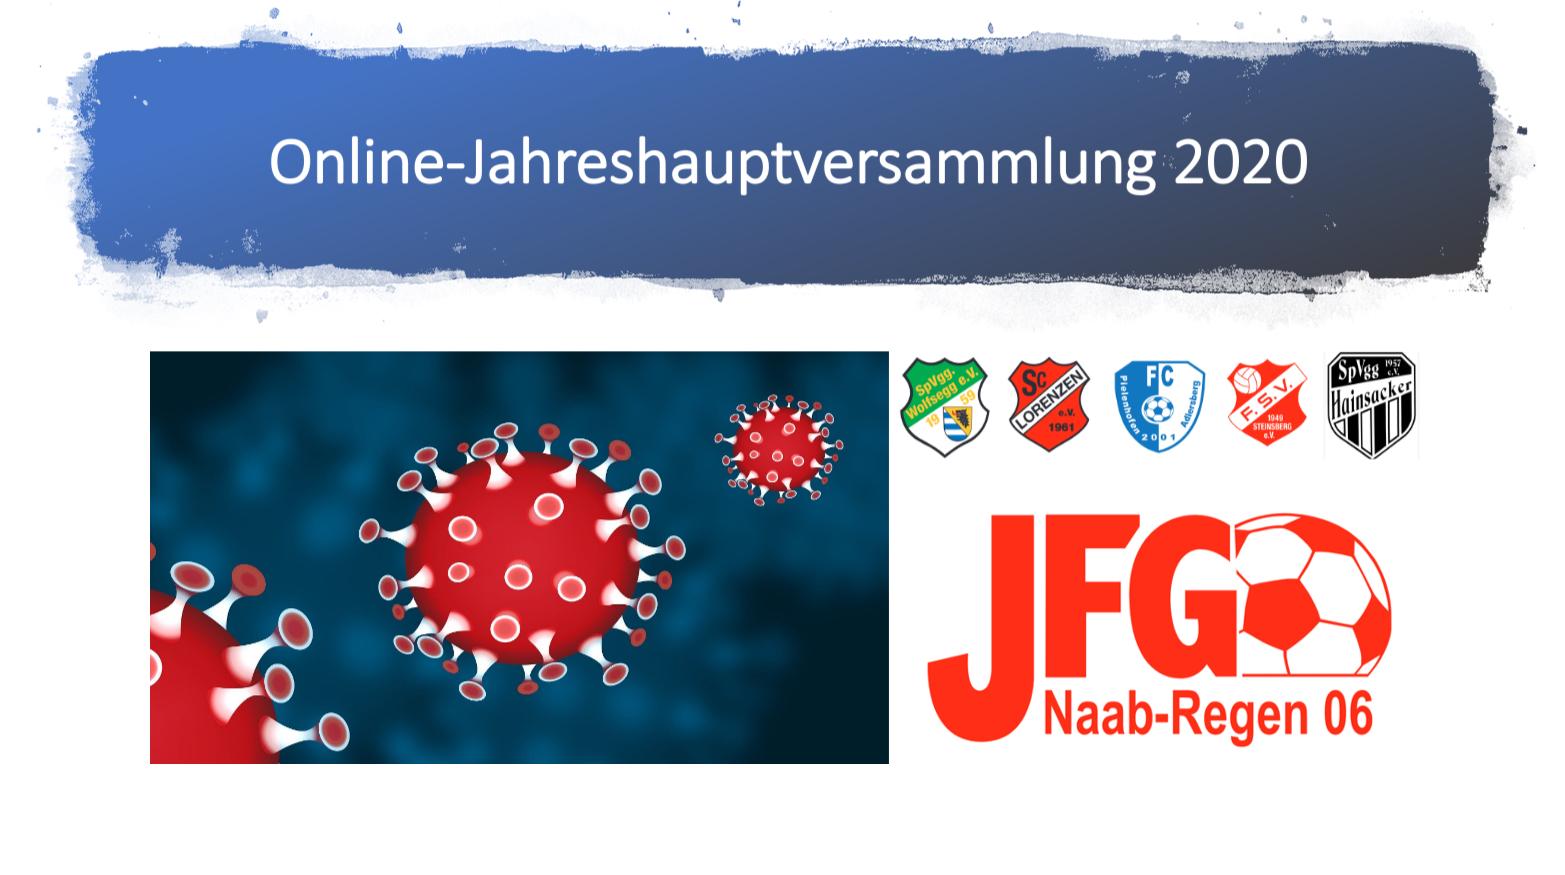 Jahreshauptversammlung 2020 – Online